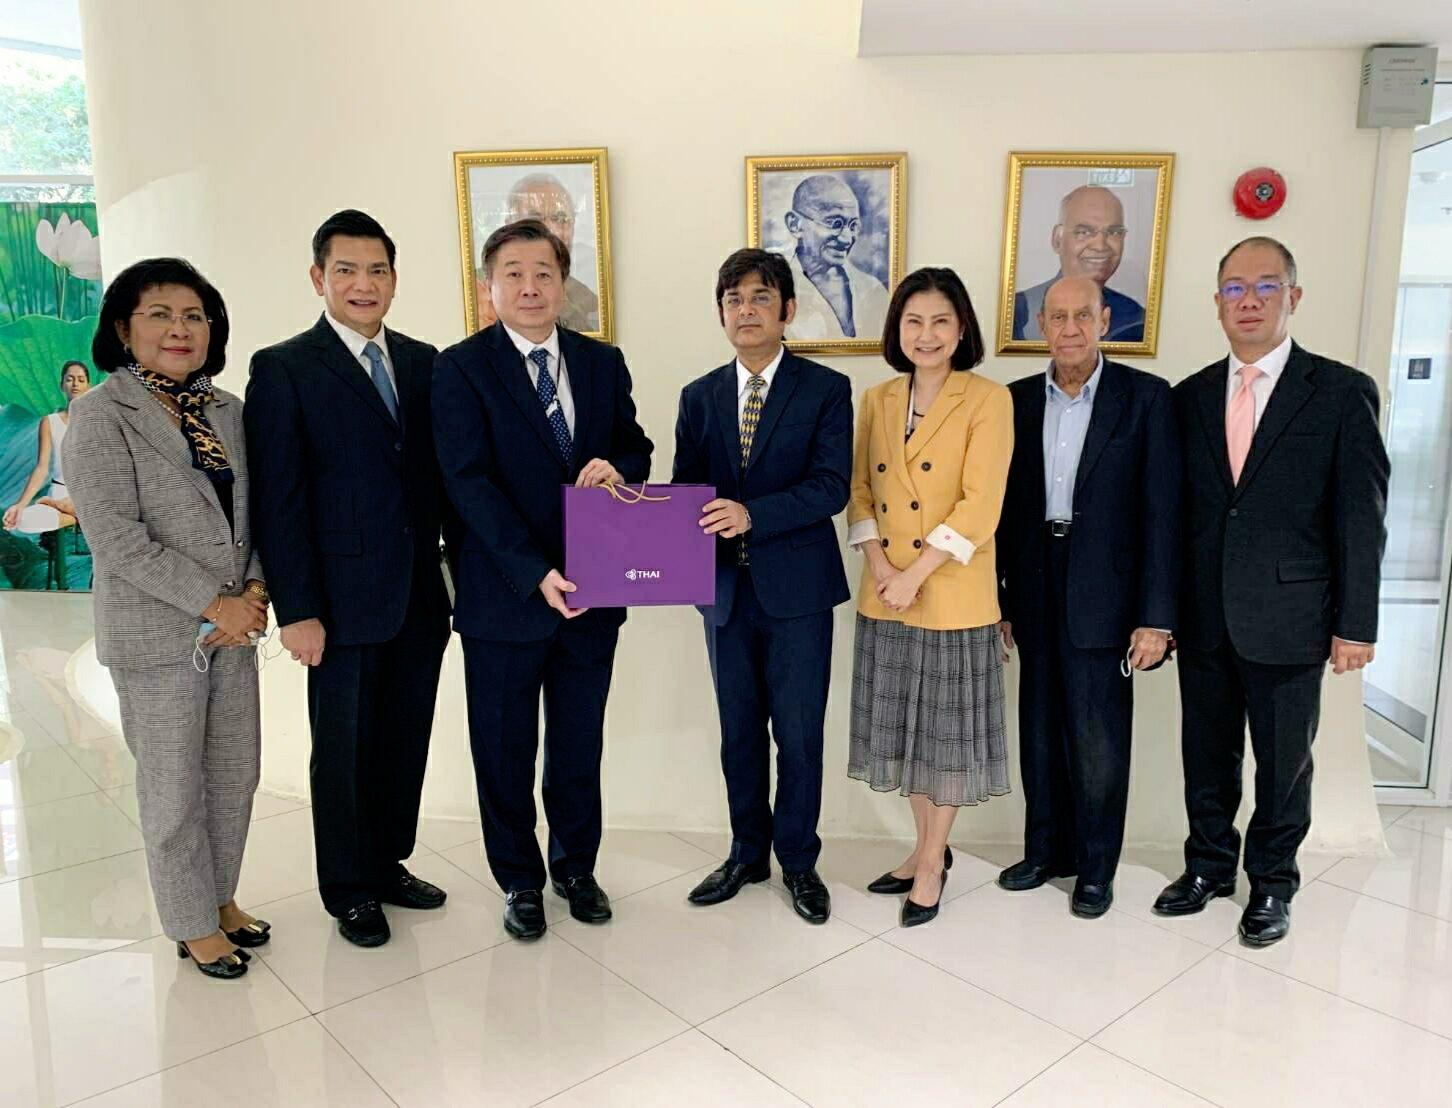 การบินไทย รุกเจรจาภาครัฐและเอกชน หวังสร้างโอกาสทางธุรกิจ